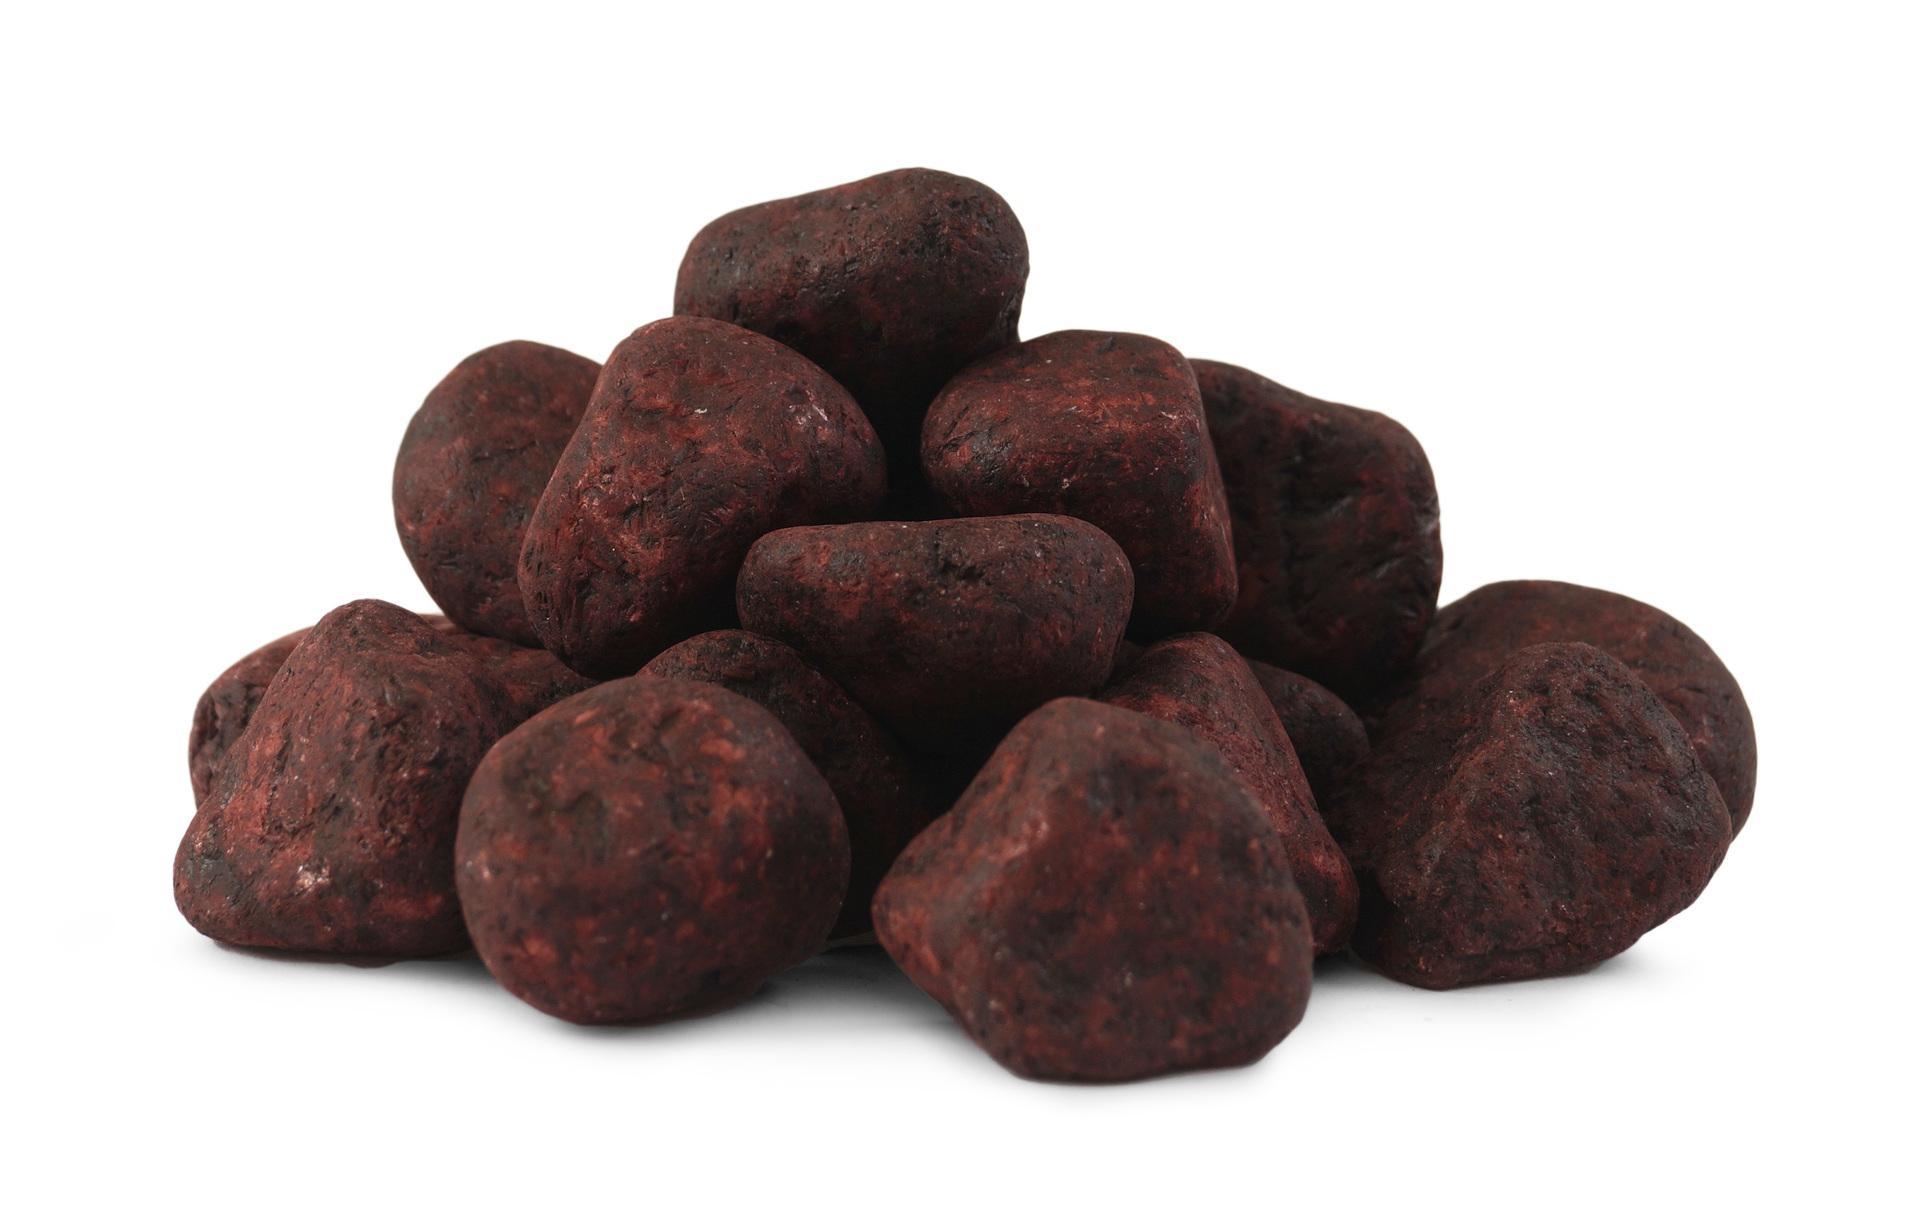 Dekorativní kameny, čokoládové, 500g